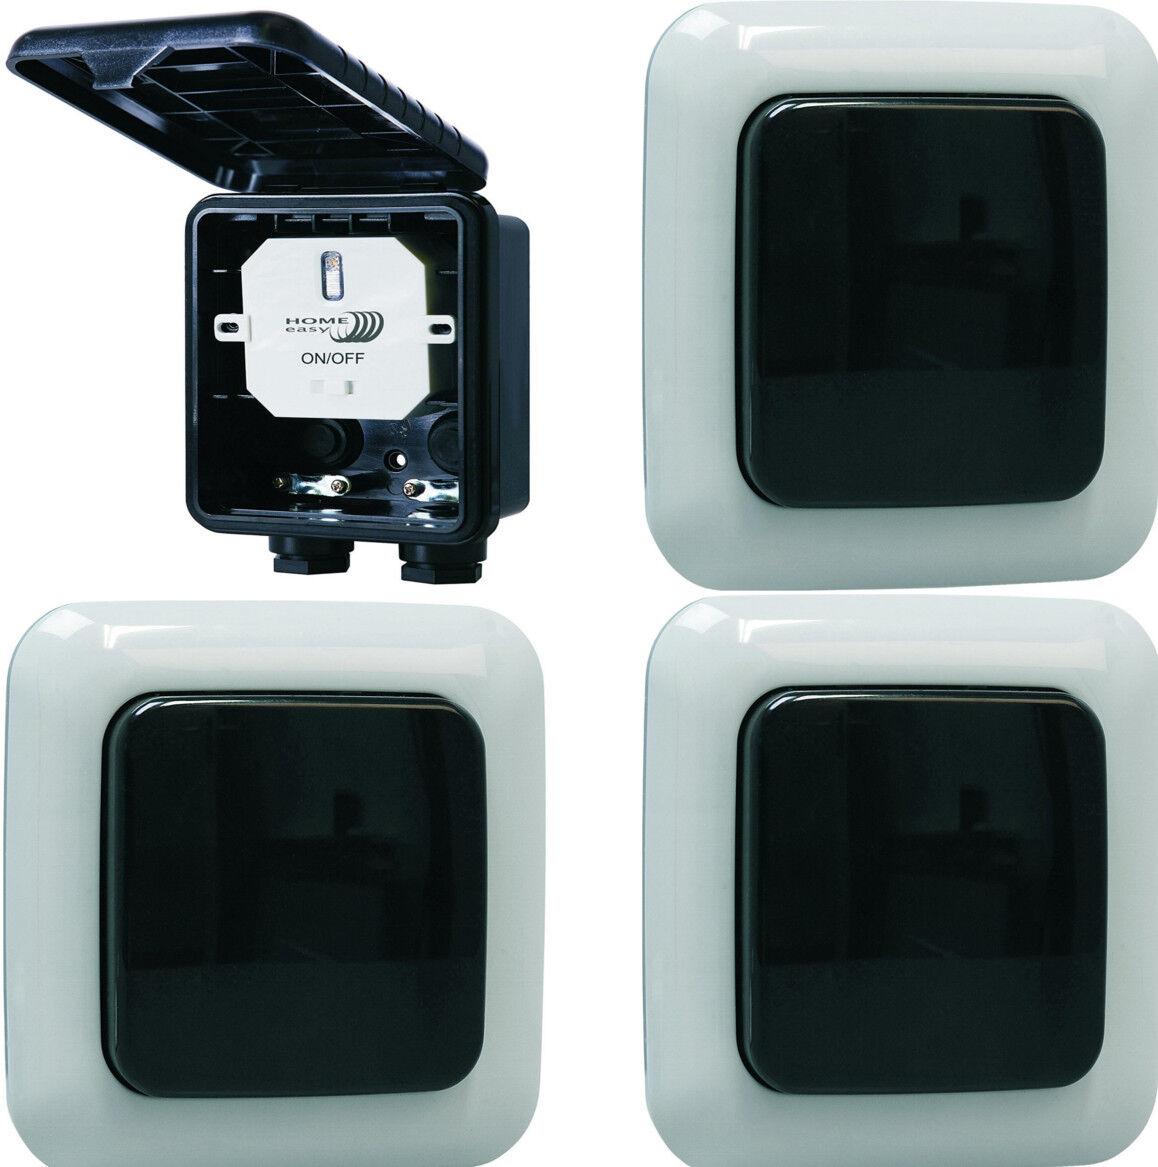 Home Easy Funk-Schalter-Set Einbauschalter 1000W mit 3 Wandschalter outdoor outdoor outdoor IP44 | Quality First  03515e